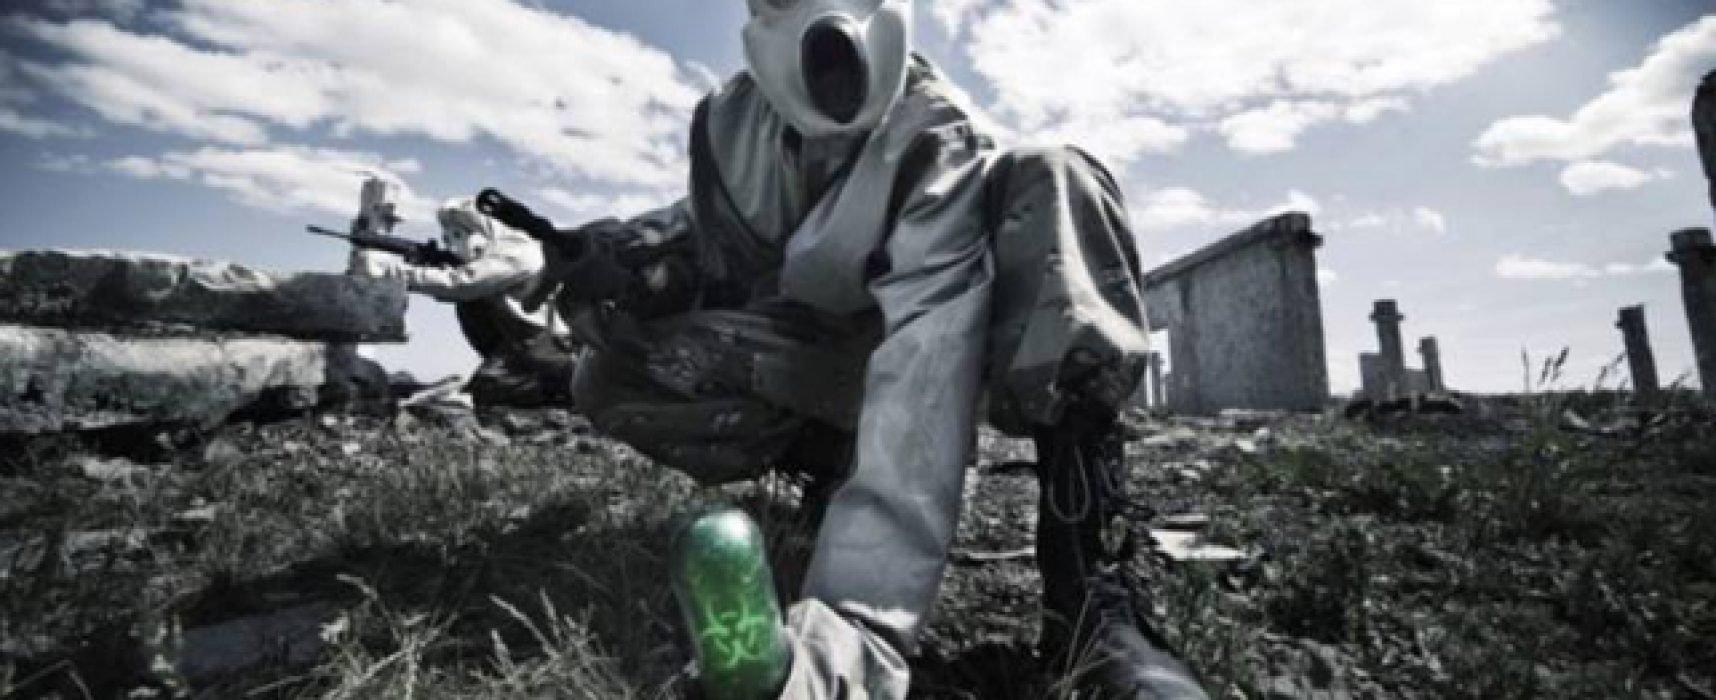 Cómo los periodistas rusos filmaron un informe sobre armas químicas en Ucrania y Georgia